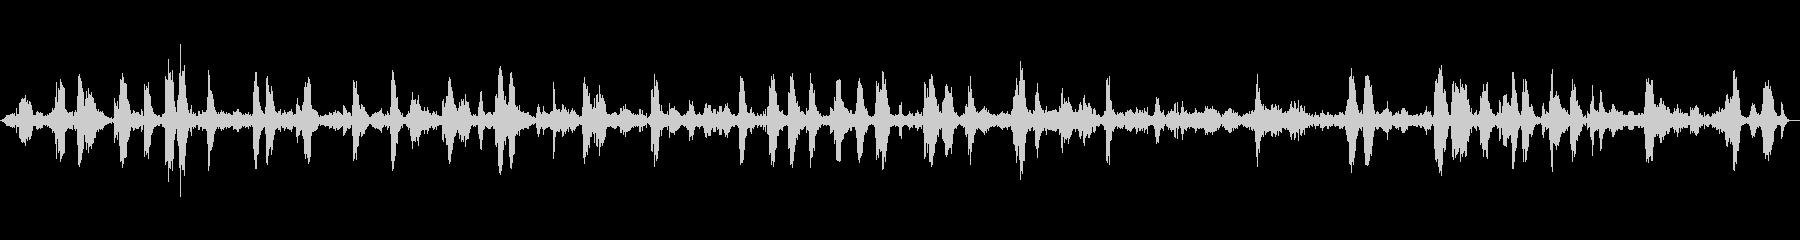 シンセは脈動音を生成しました。プロ...の未再生の波形